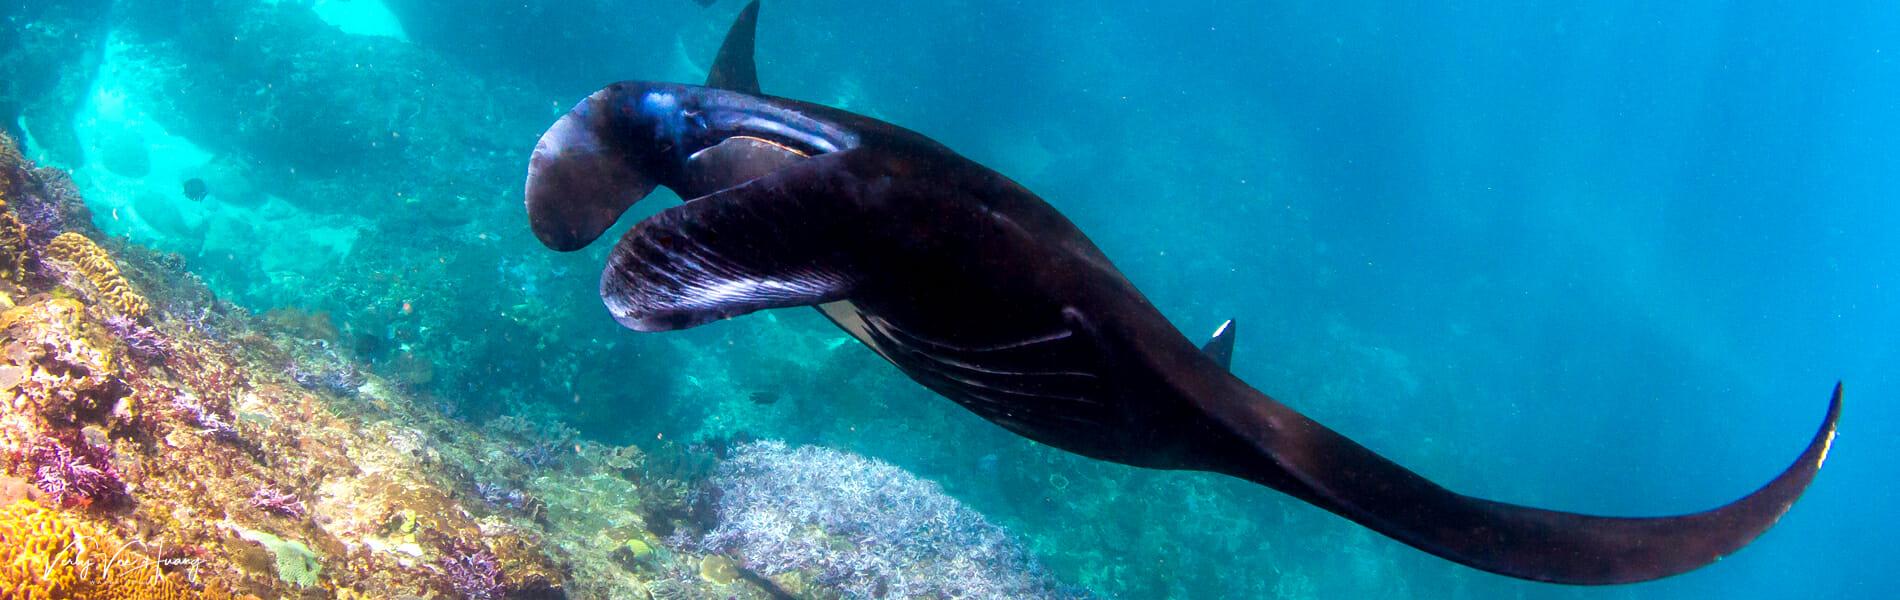 bali diving with manta